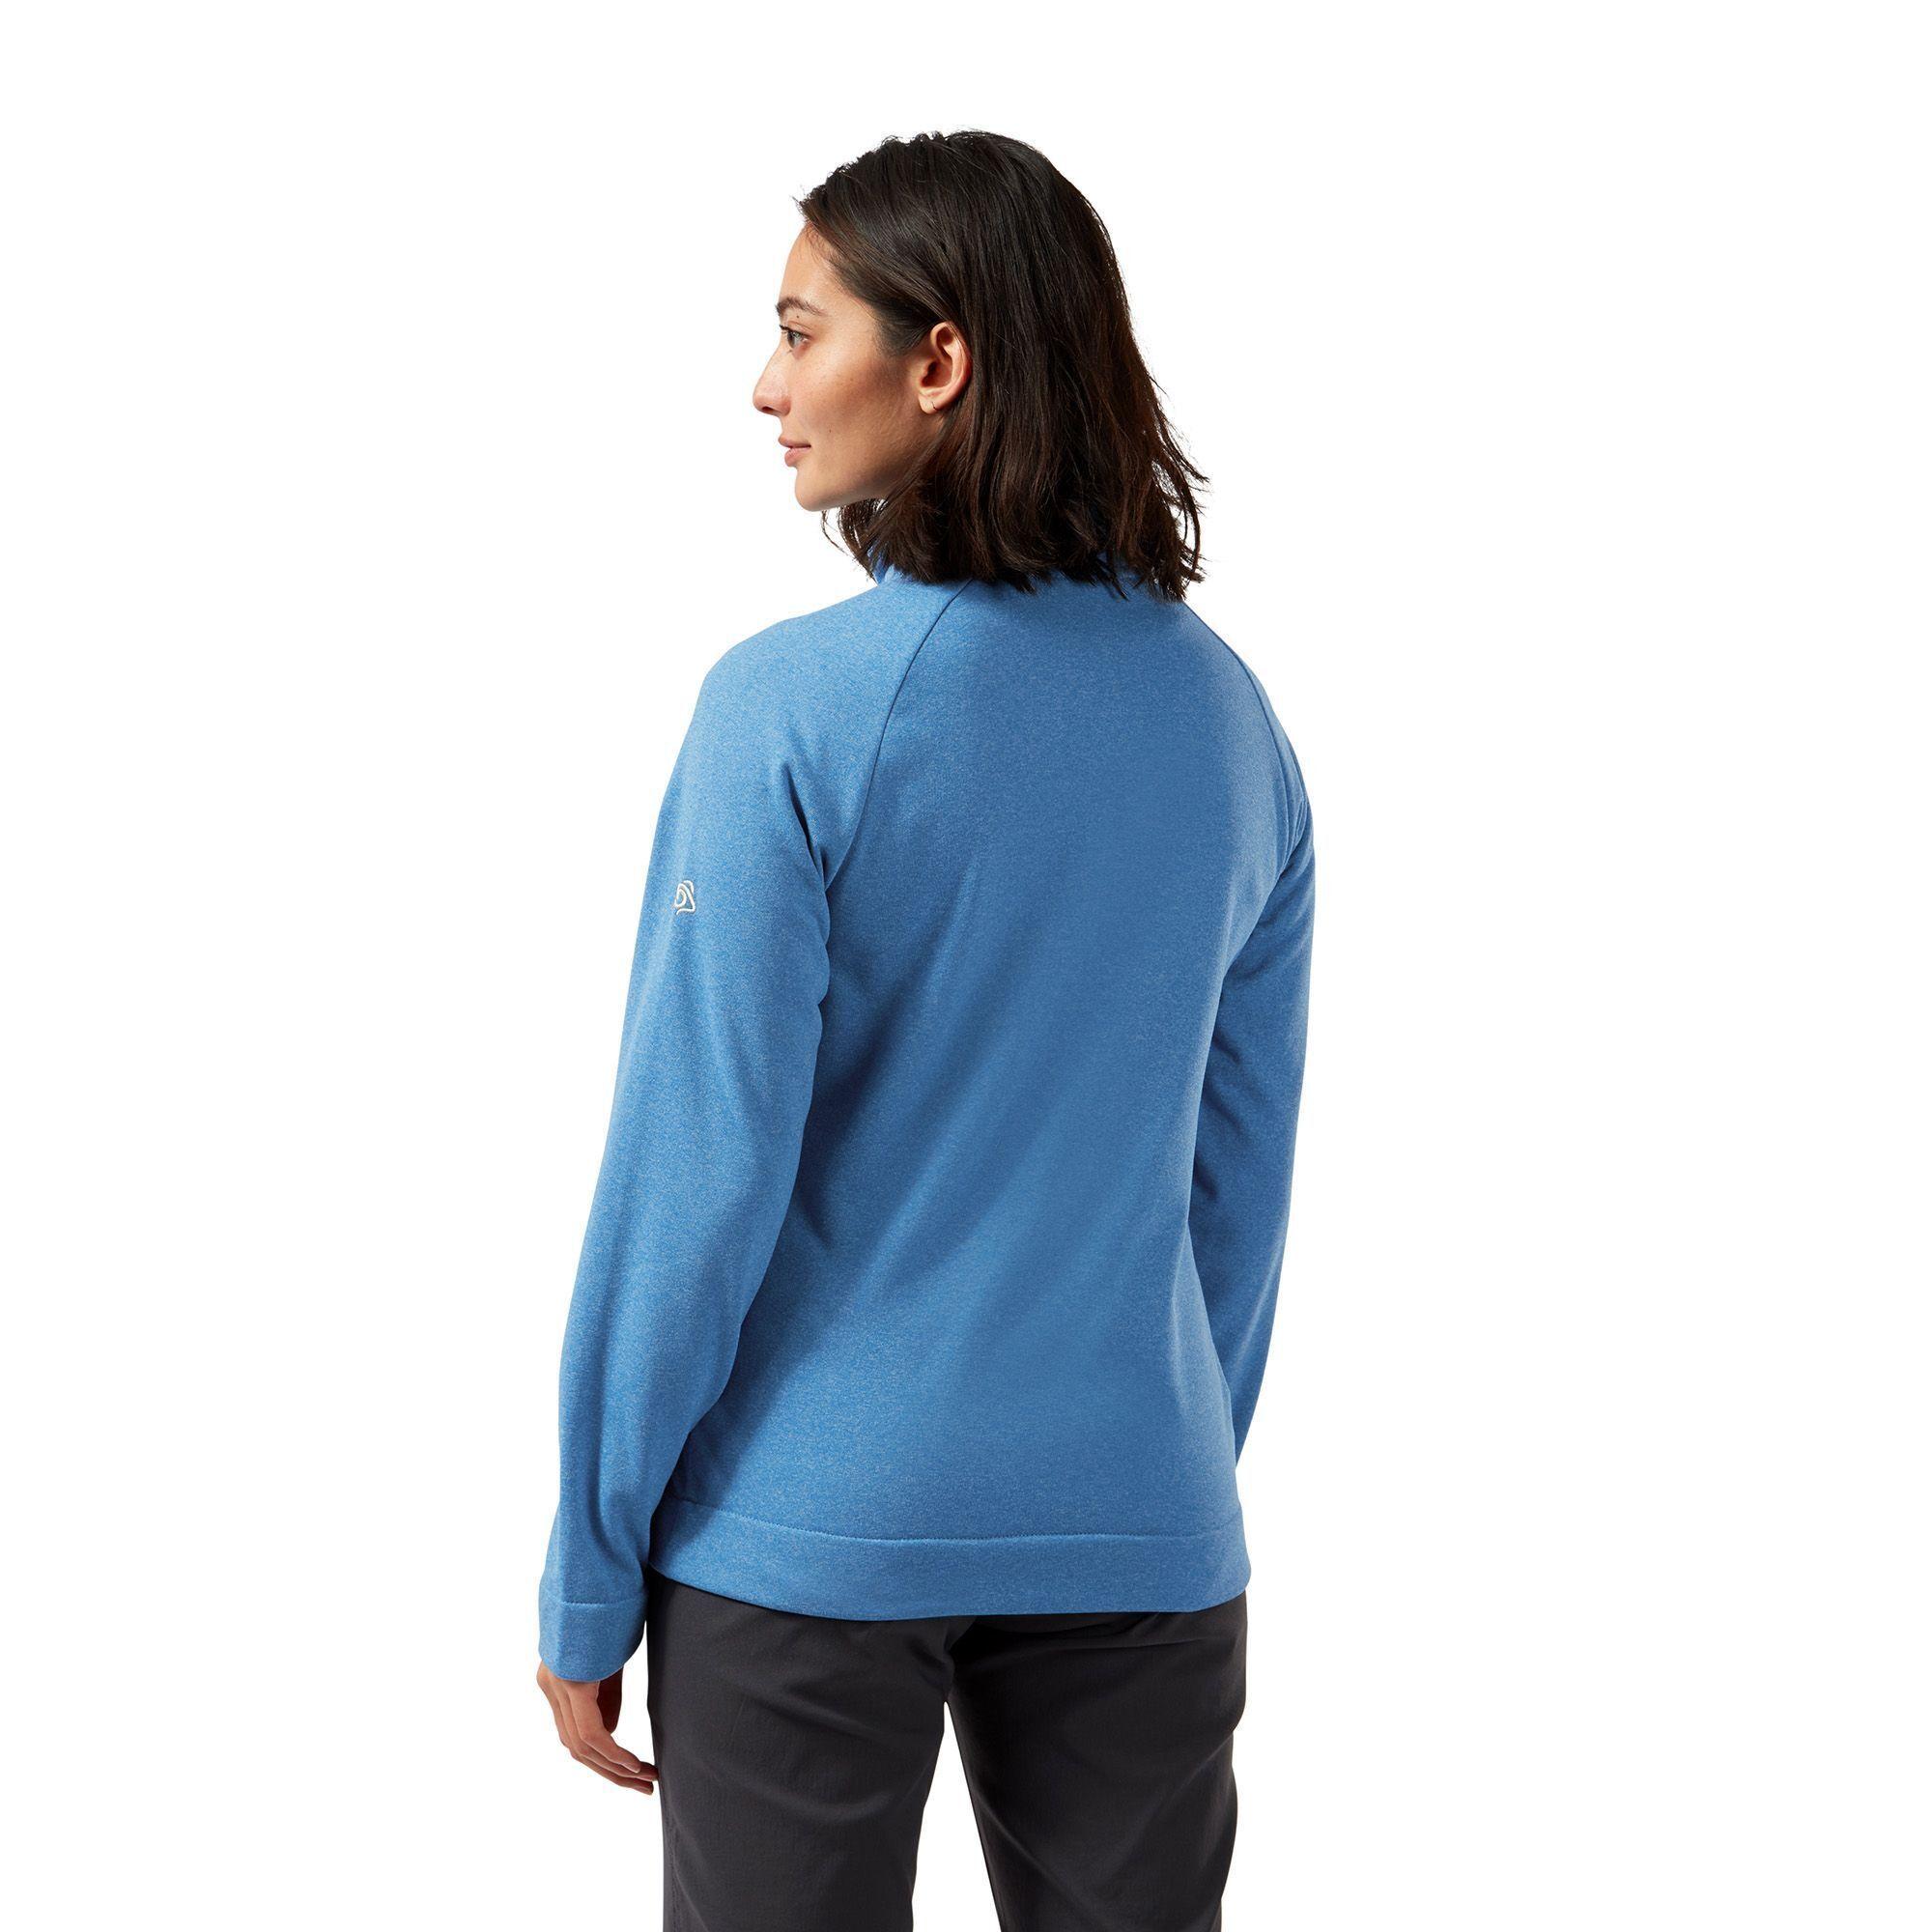 Craghoppers Womens/Ladies Helena Half Zip Fleece Top (Mediterranean Blue)